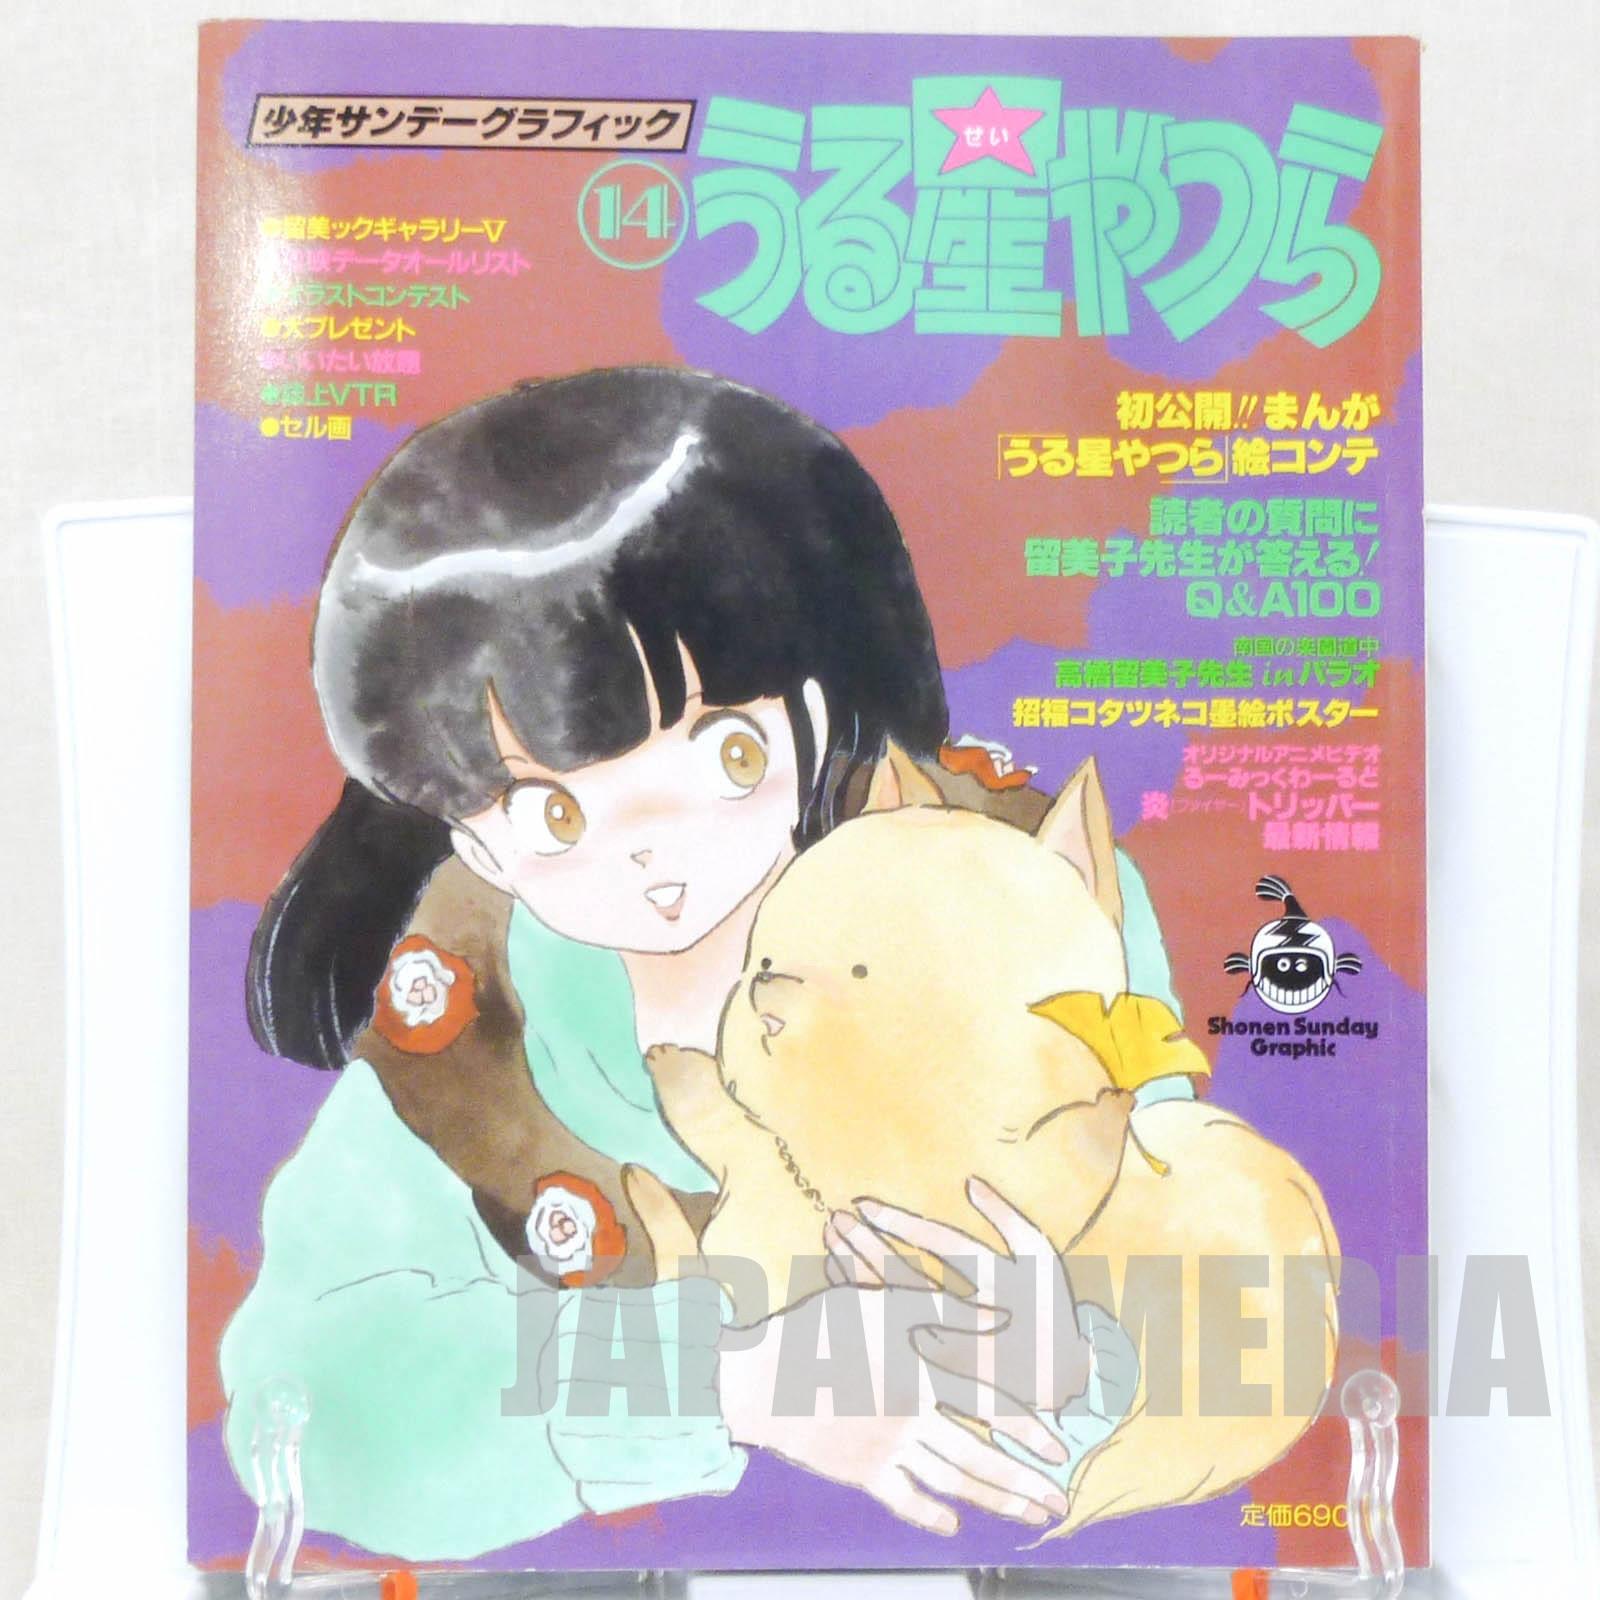 Urusei Yatsura Shonen Sunday Graphic Book 14 Poster JAPAN ANIME